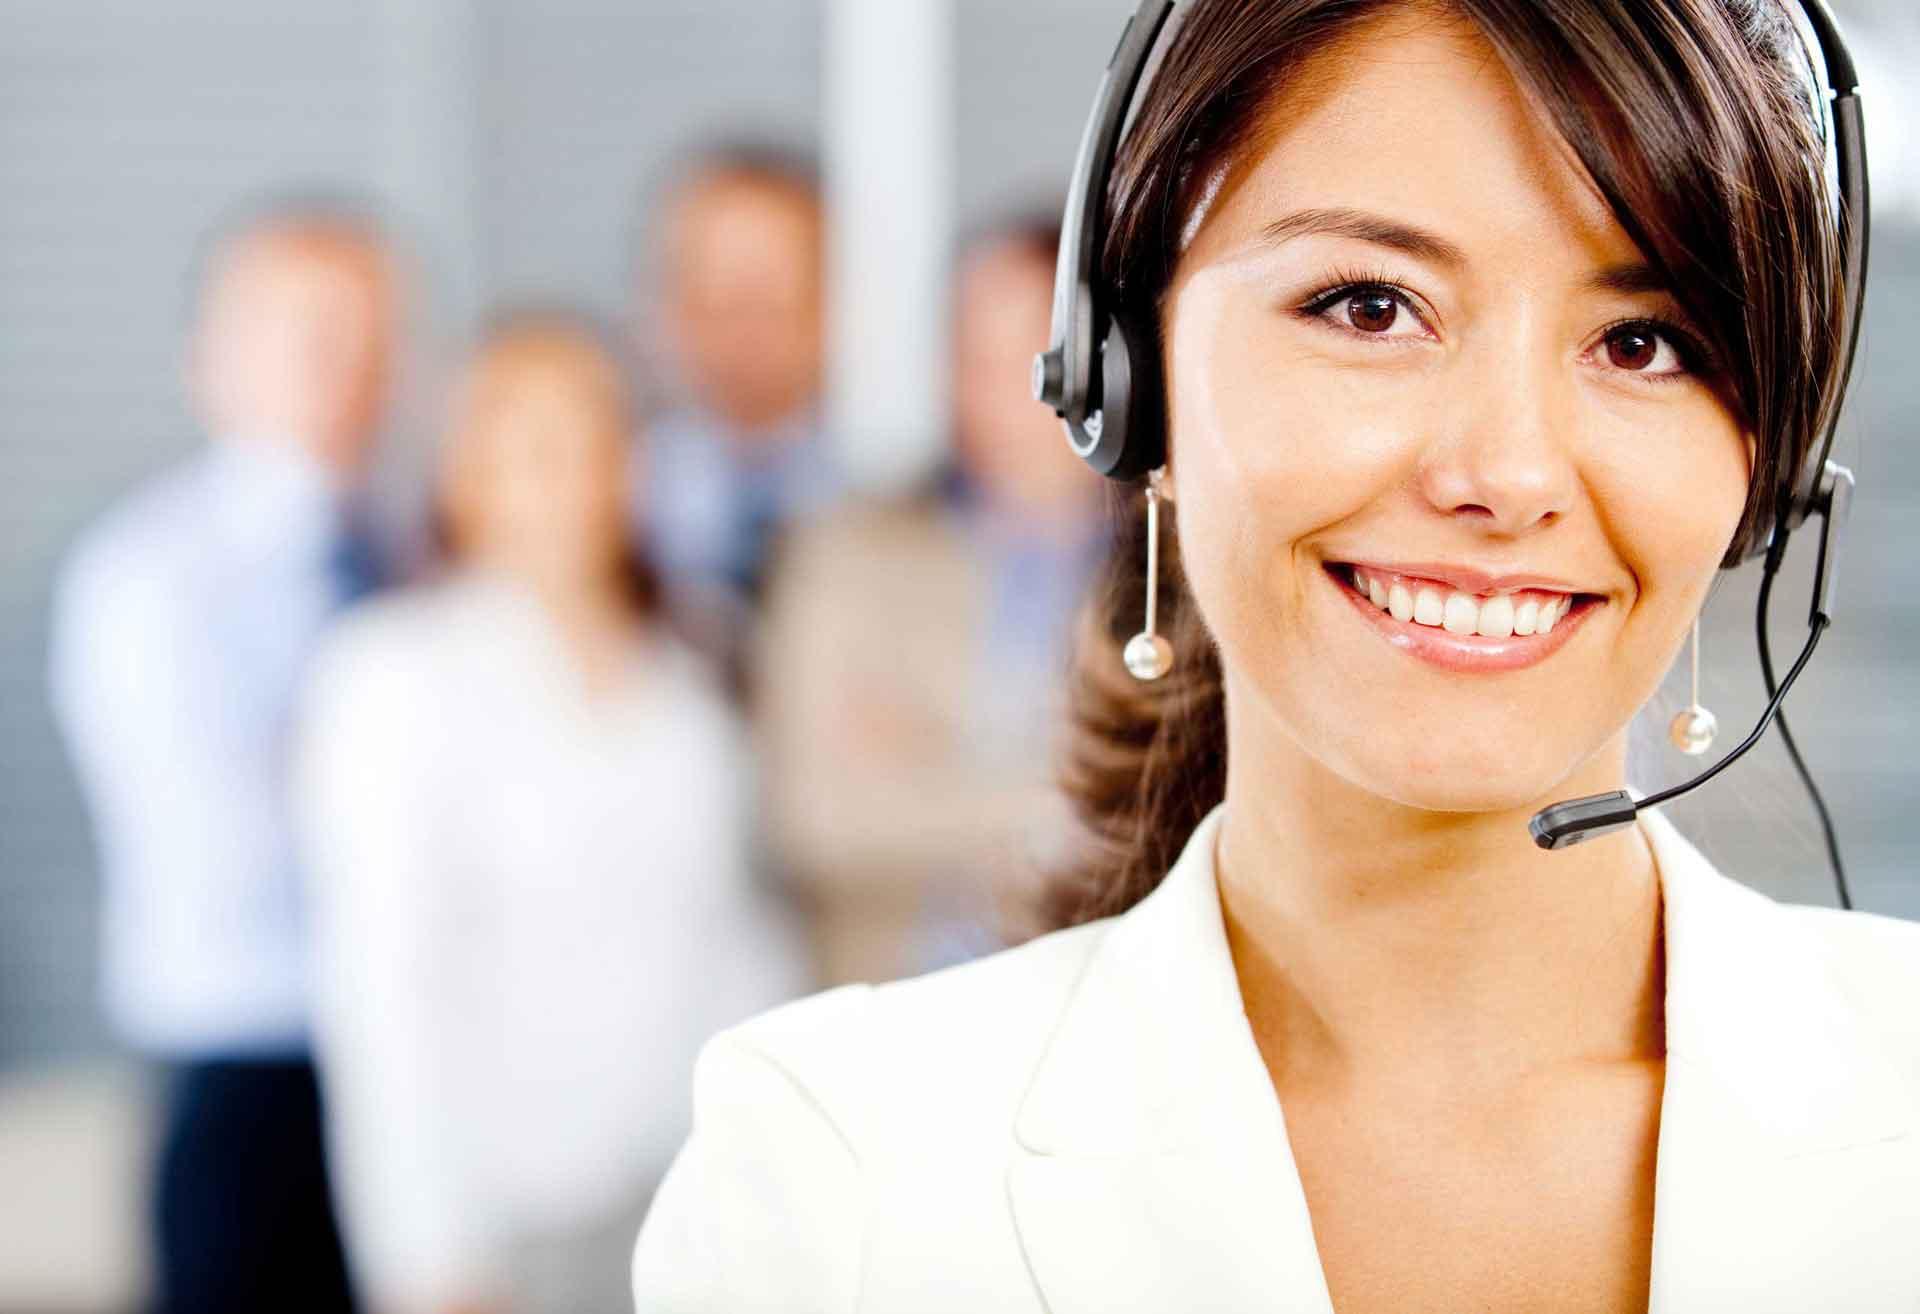 Spécialiste de l'accueil téléphonique et de la relation client